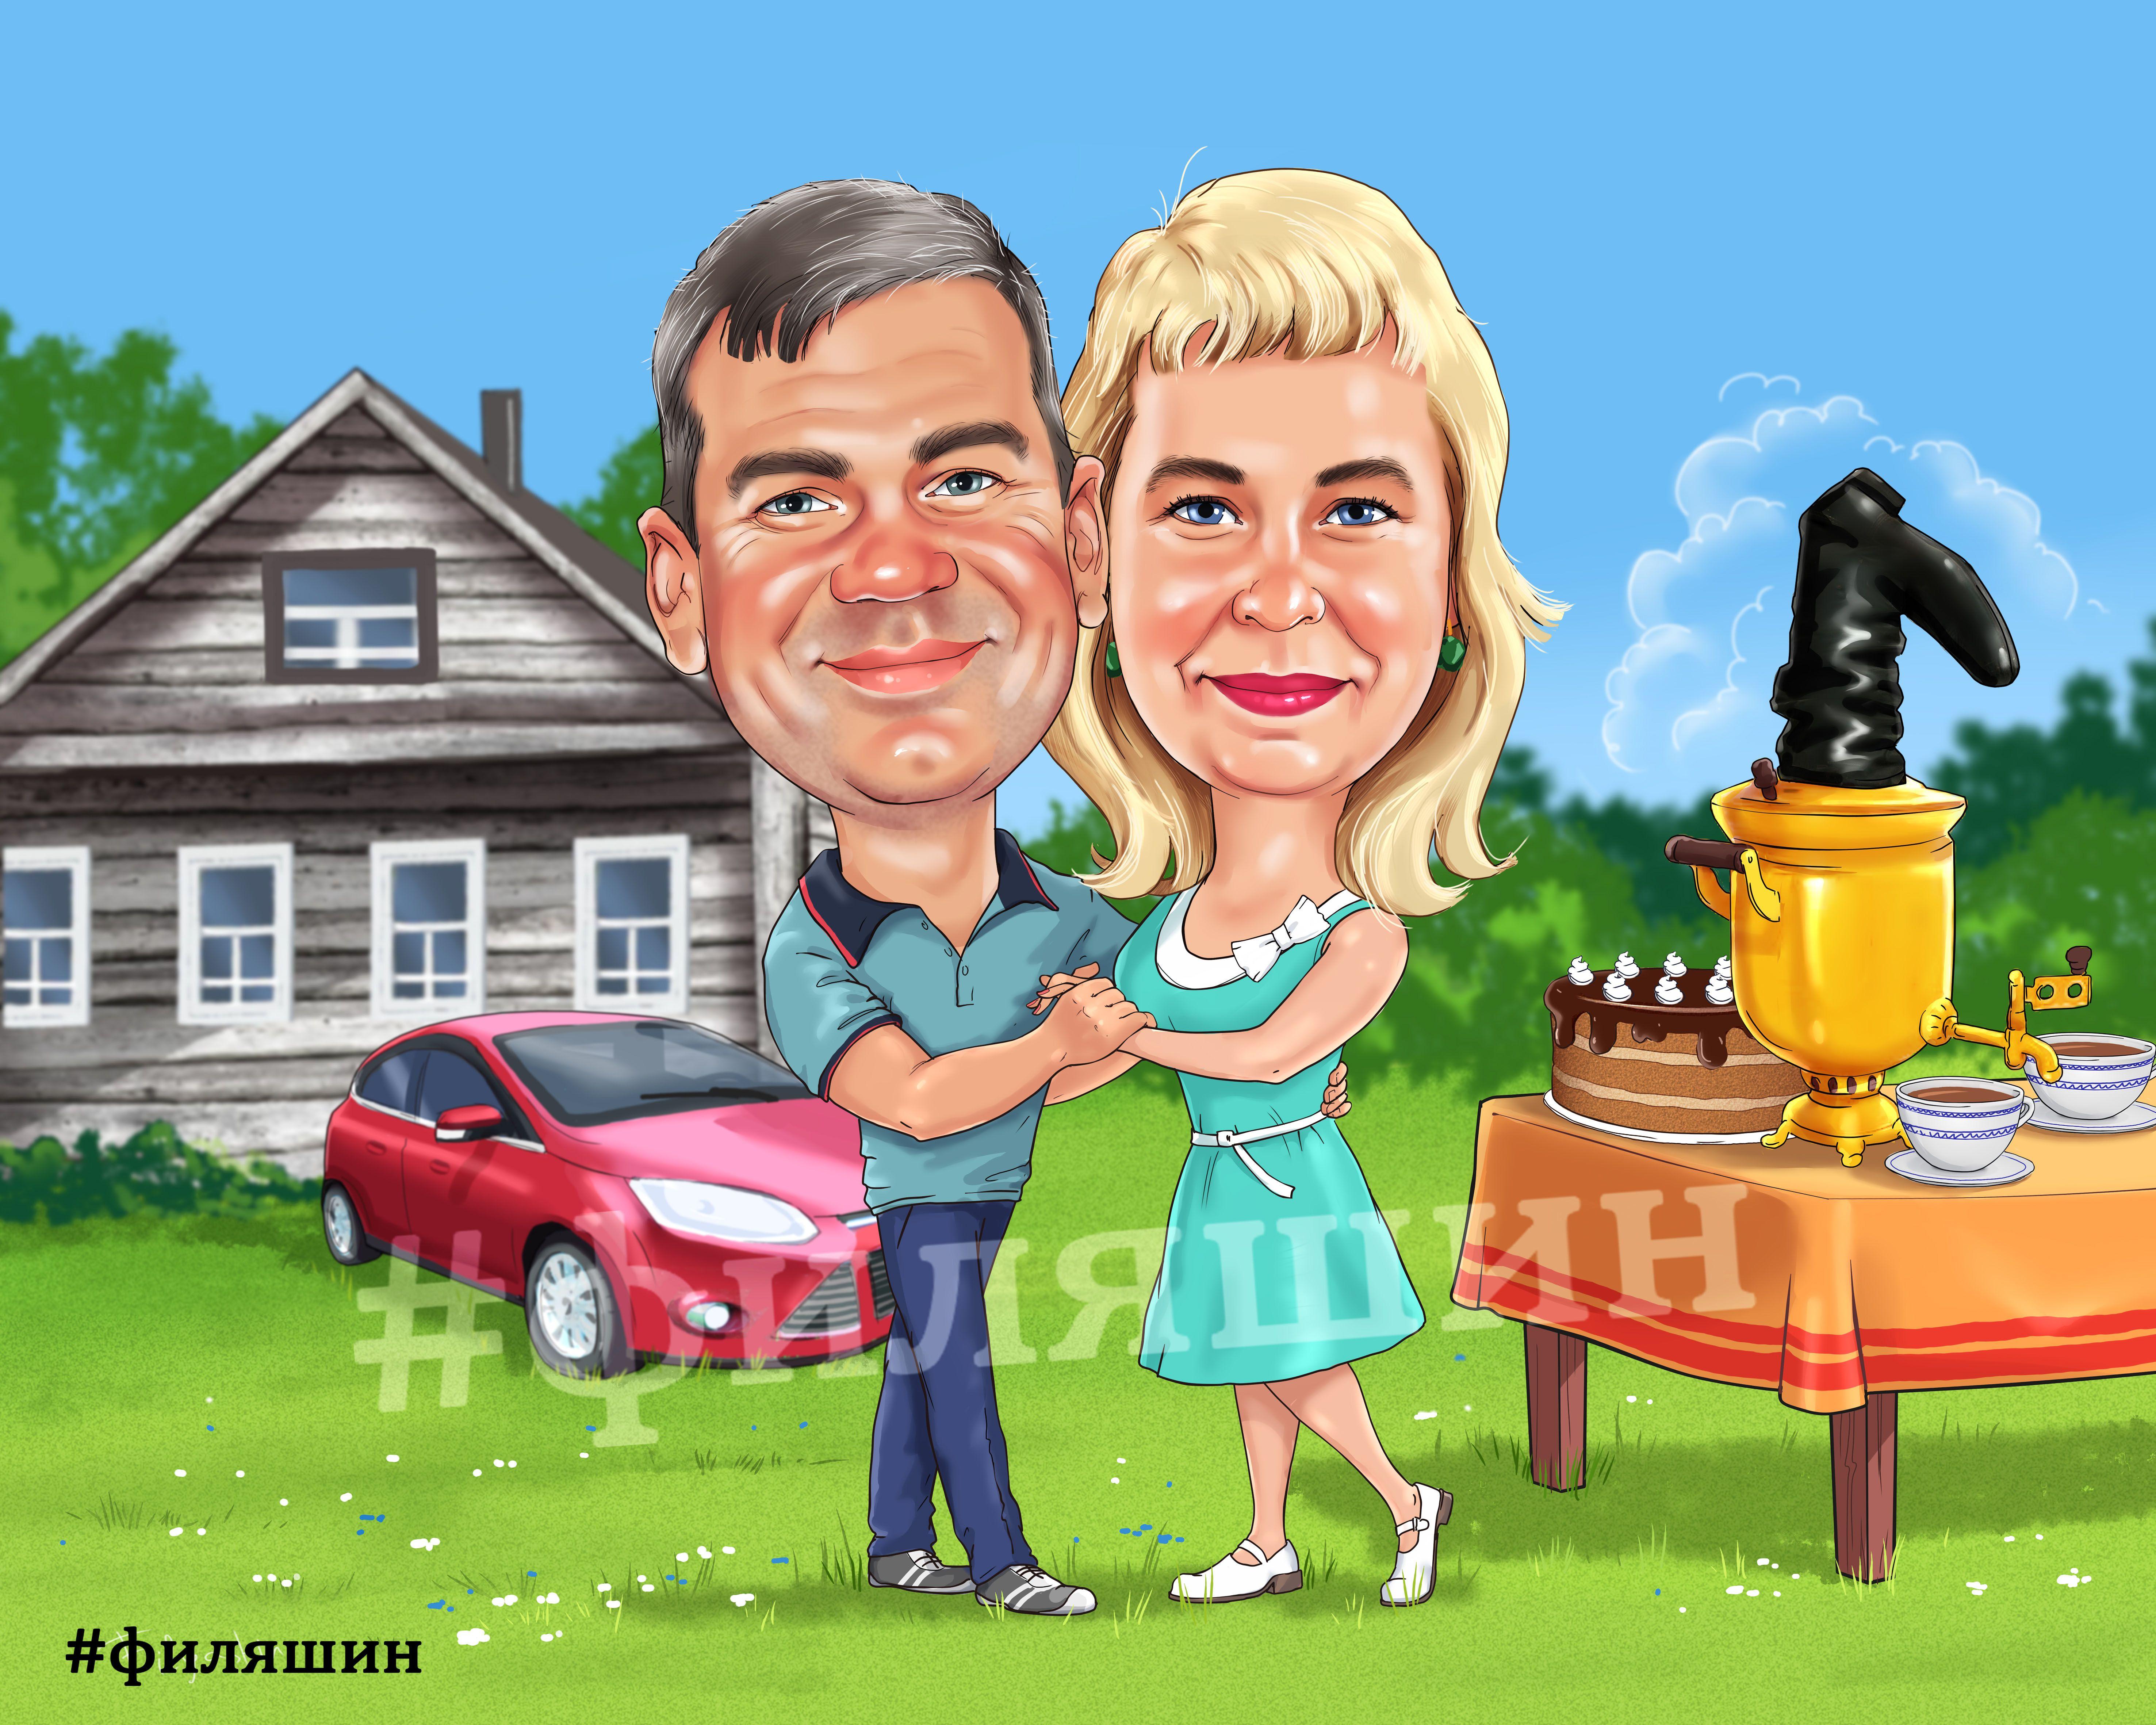 картинки карикатуры смешные деревенская свадьба этом